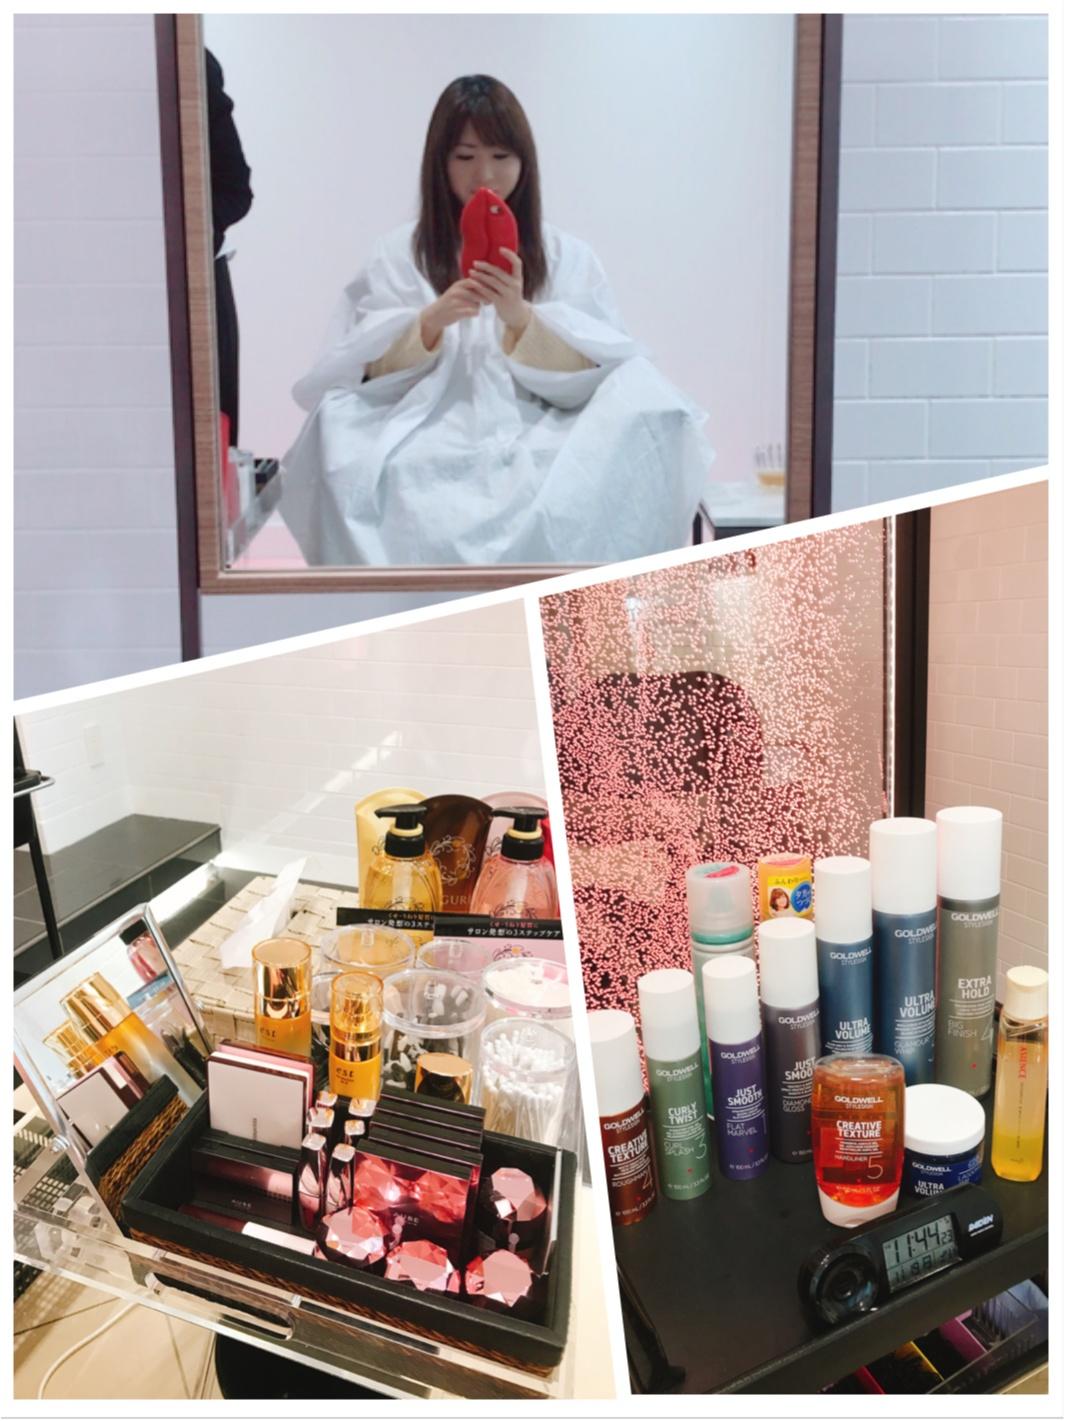 自分の髪が好きになる♡「ASIENCE MEGURI」のサロンで無料の髪質診断&ヘアケア体験!@東京・表参道_3_4